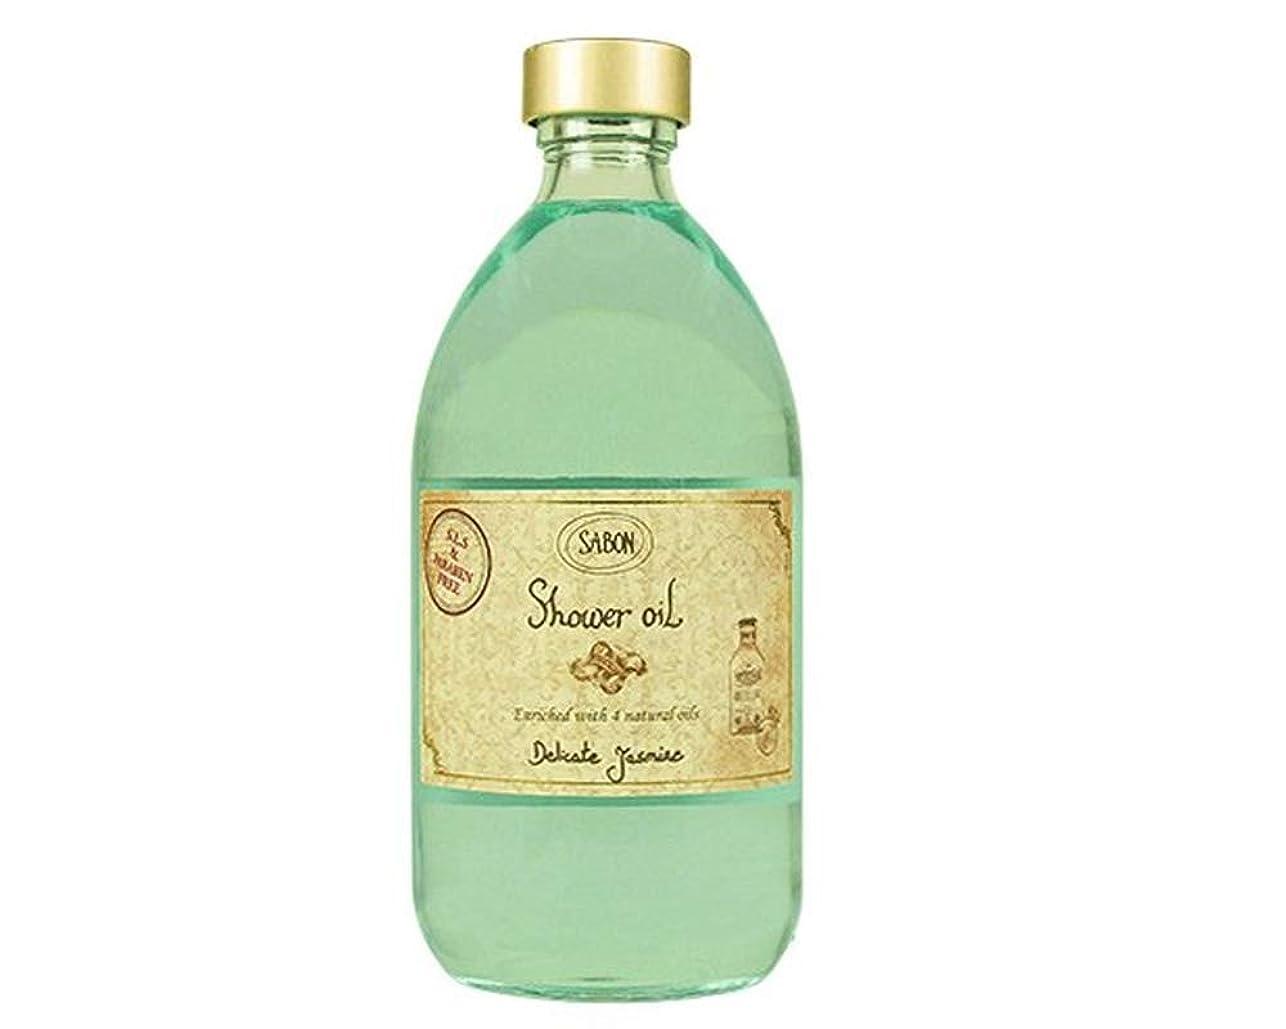 ローラー患者アナリストサボン SABON シャワーオイル デリケートジャスミン 500ml ボディケア 保湿 潤い